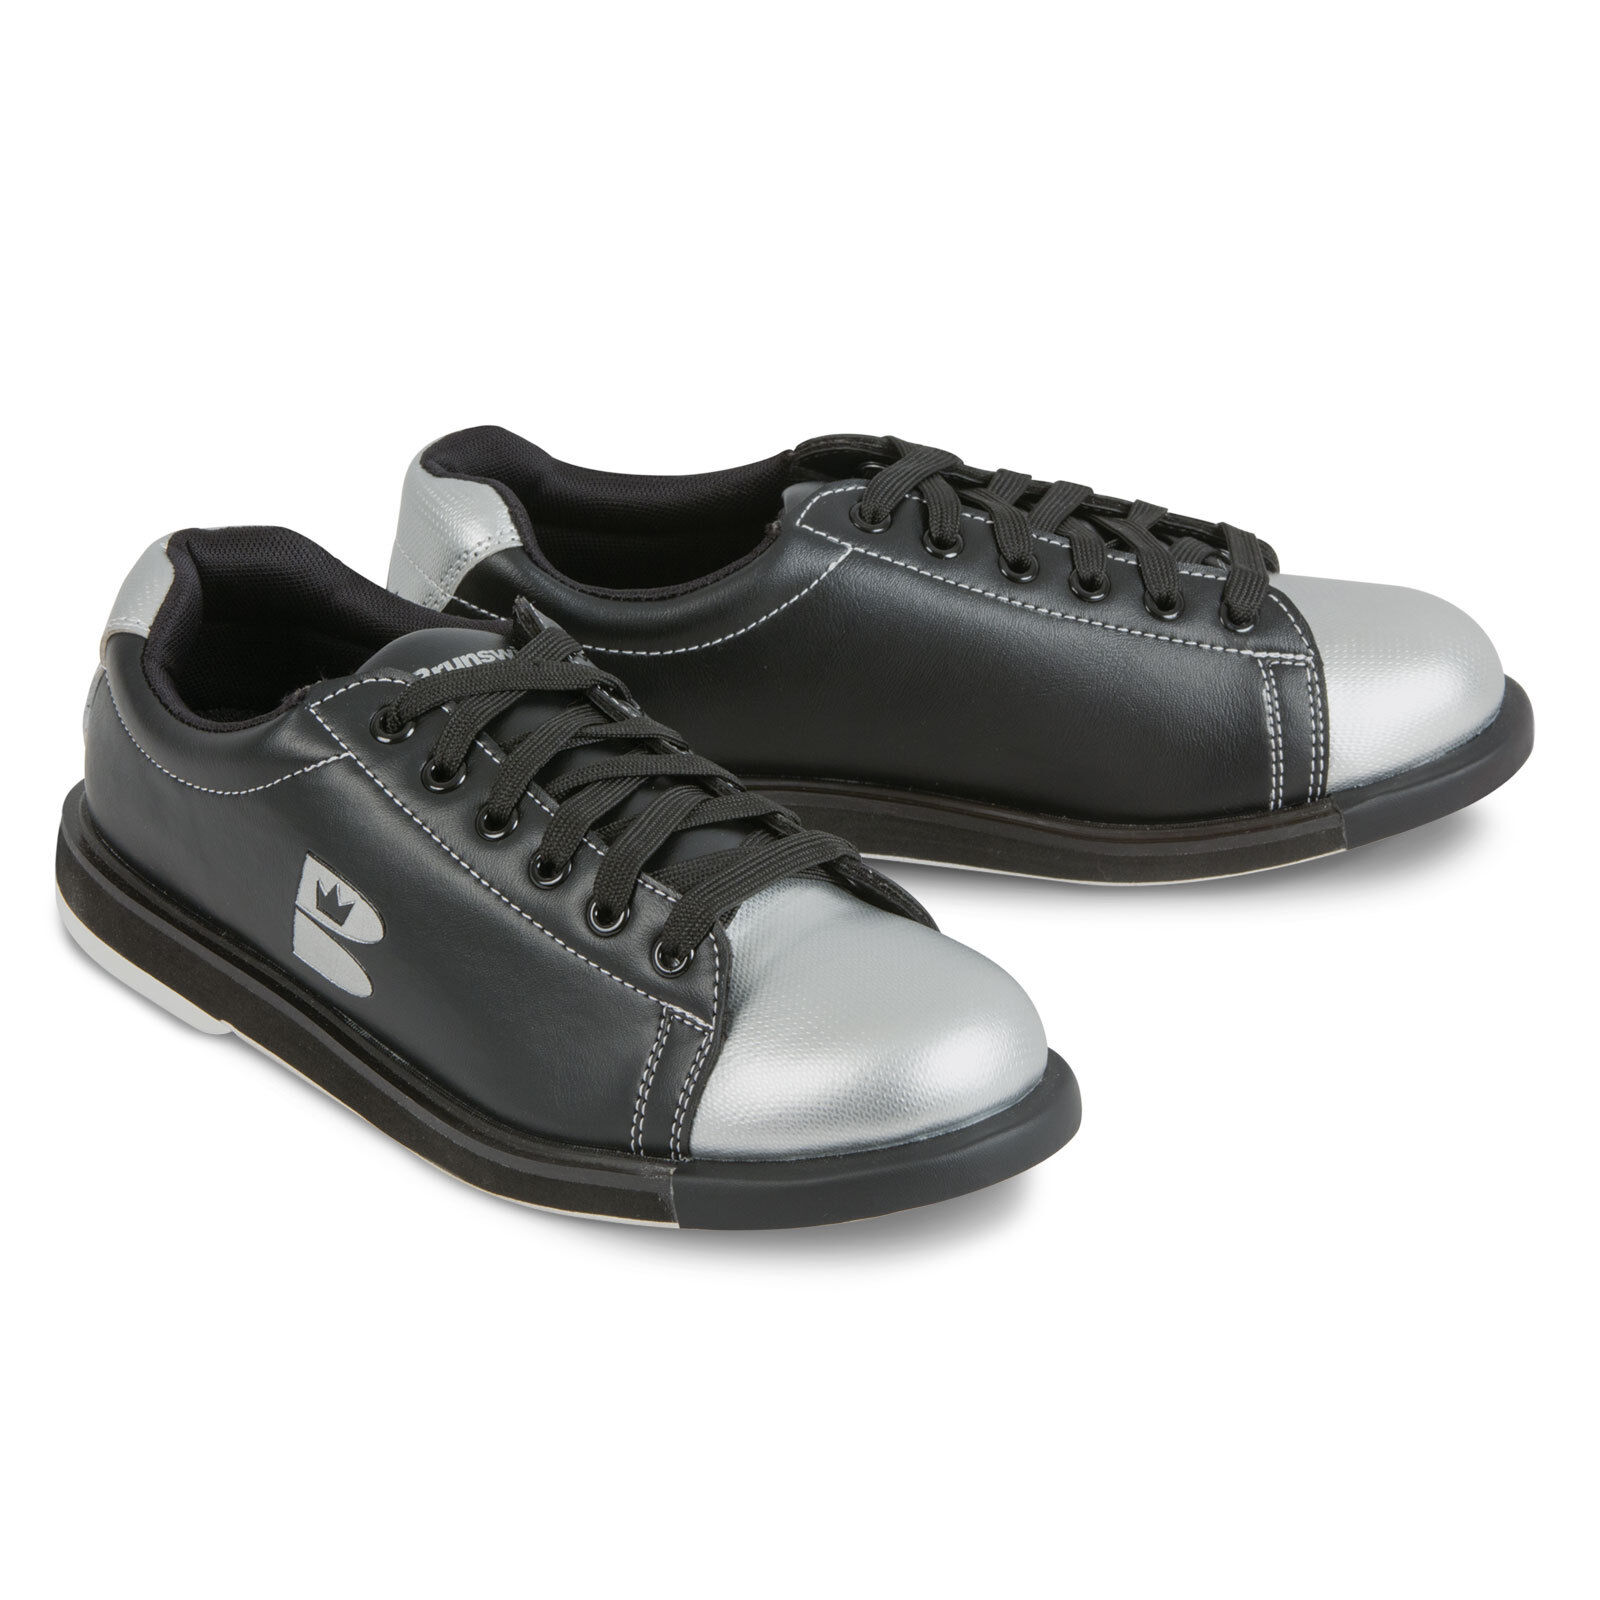 Brunswick Tzone Men's Bowling Shoes Black Silver